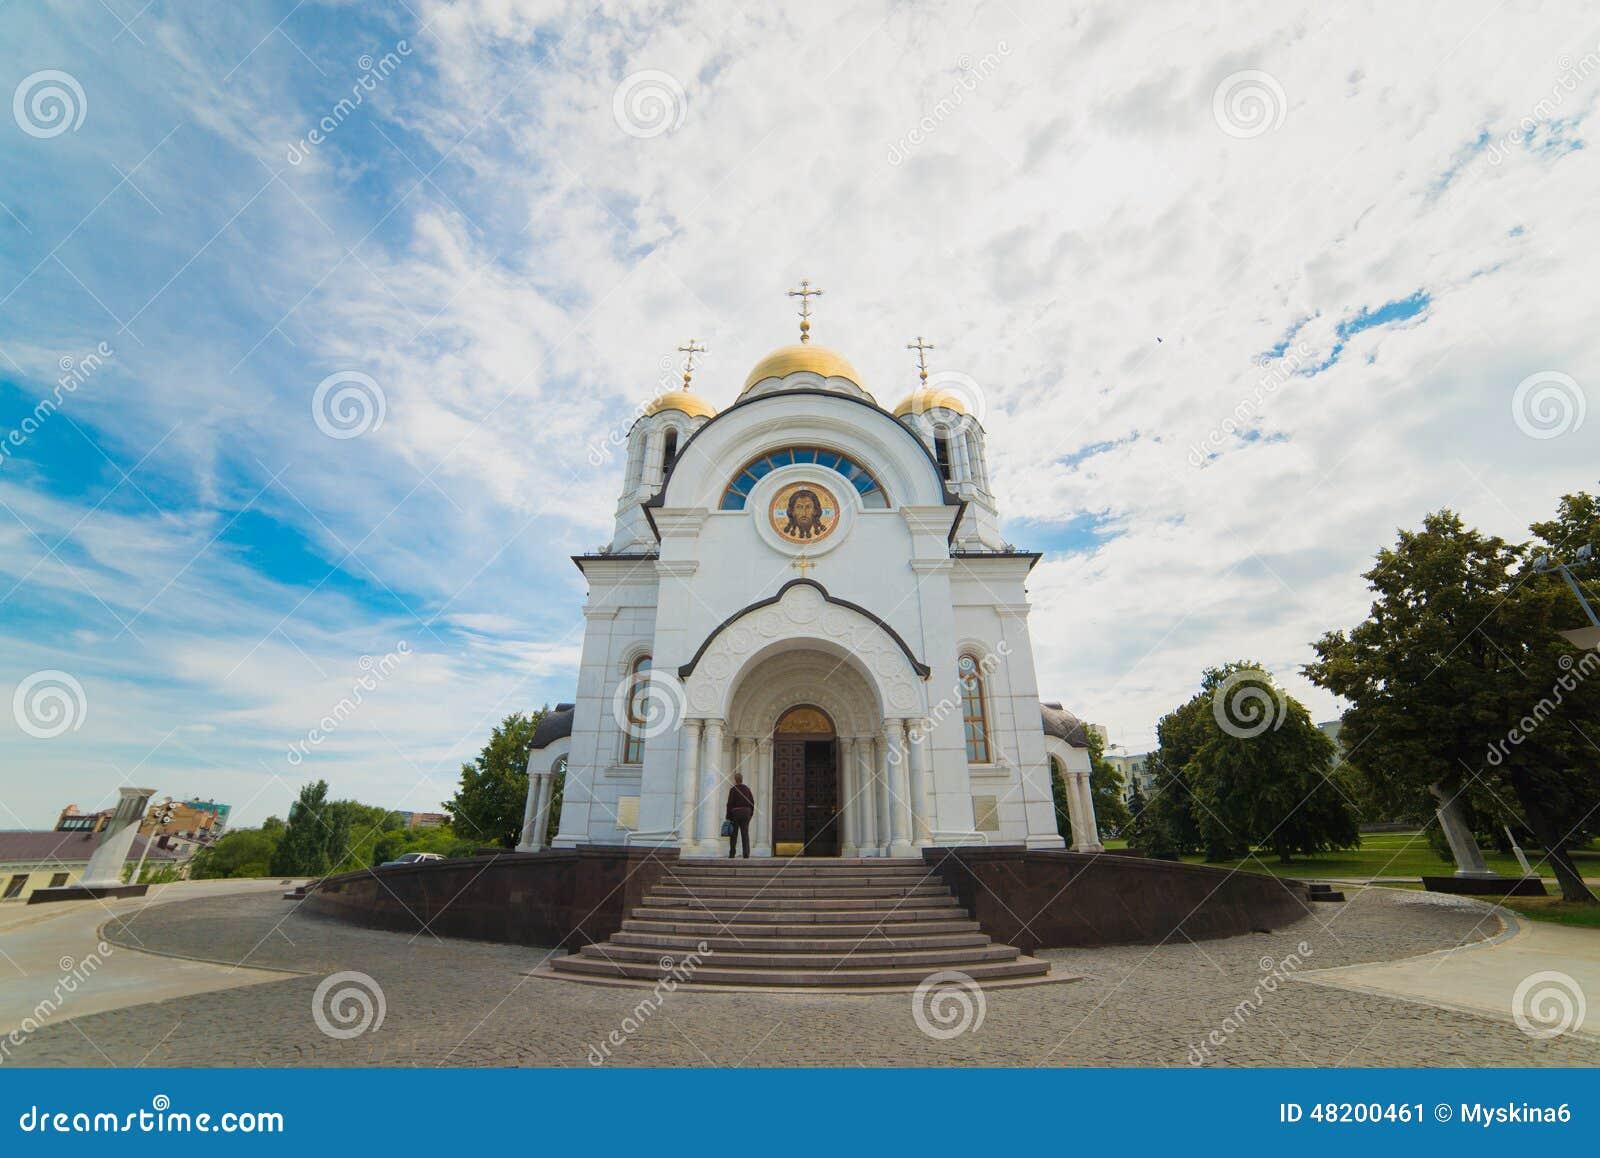 El templo en honor de San Jorge el victorioso en Samara de la ciudad